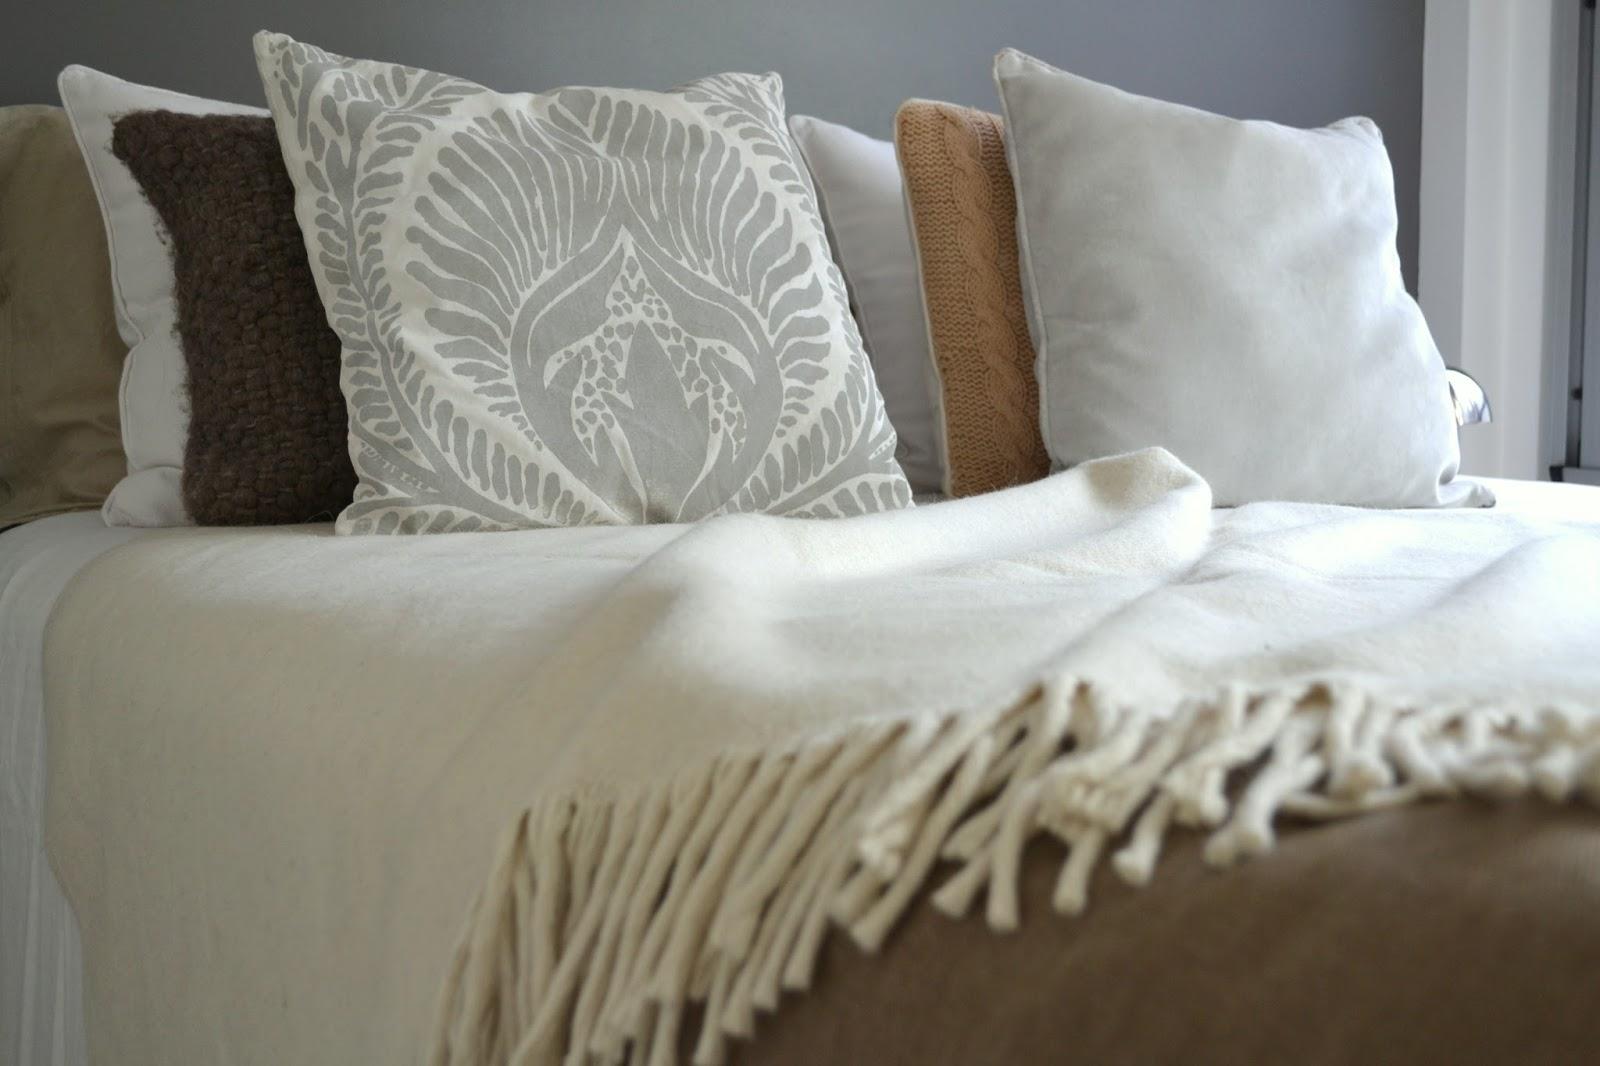 alma deco buenos aires proyecto salguero habitacion. Black Bedroom Furniture Sets. Home Design Ideas